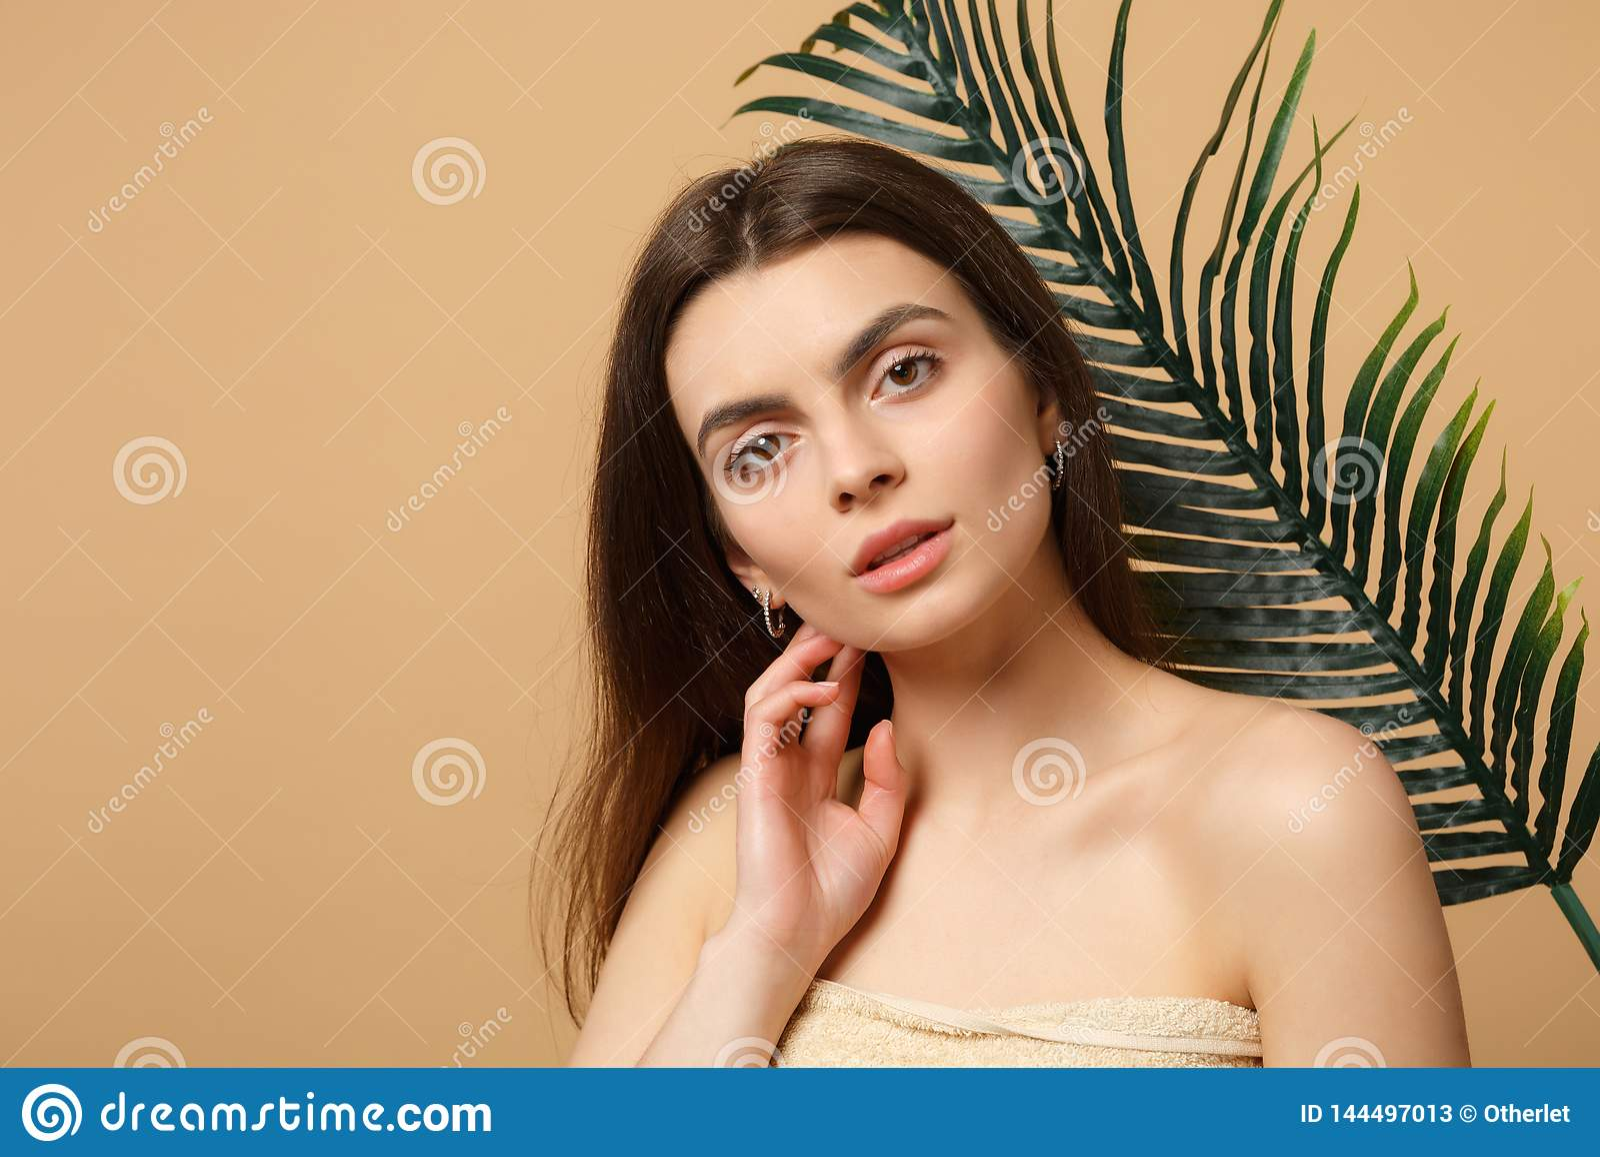 Abschluss Herauf Brunette Halb Nackte Frau 20s Mit Der